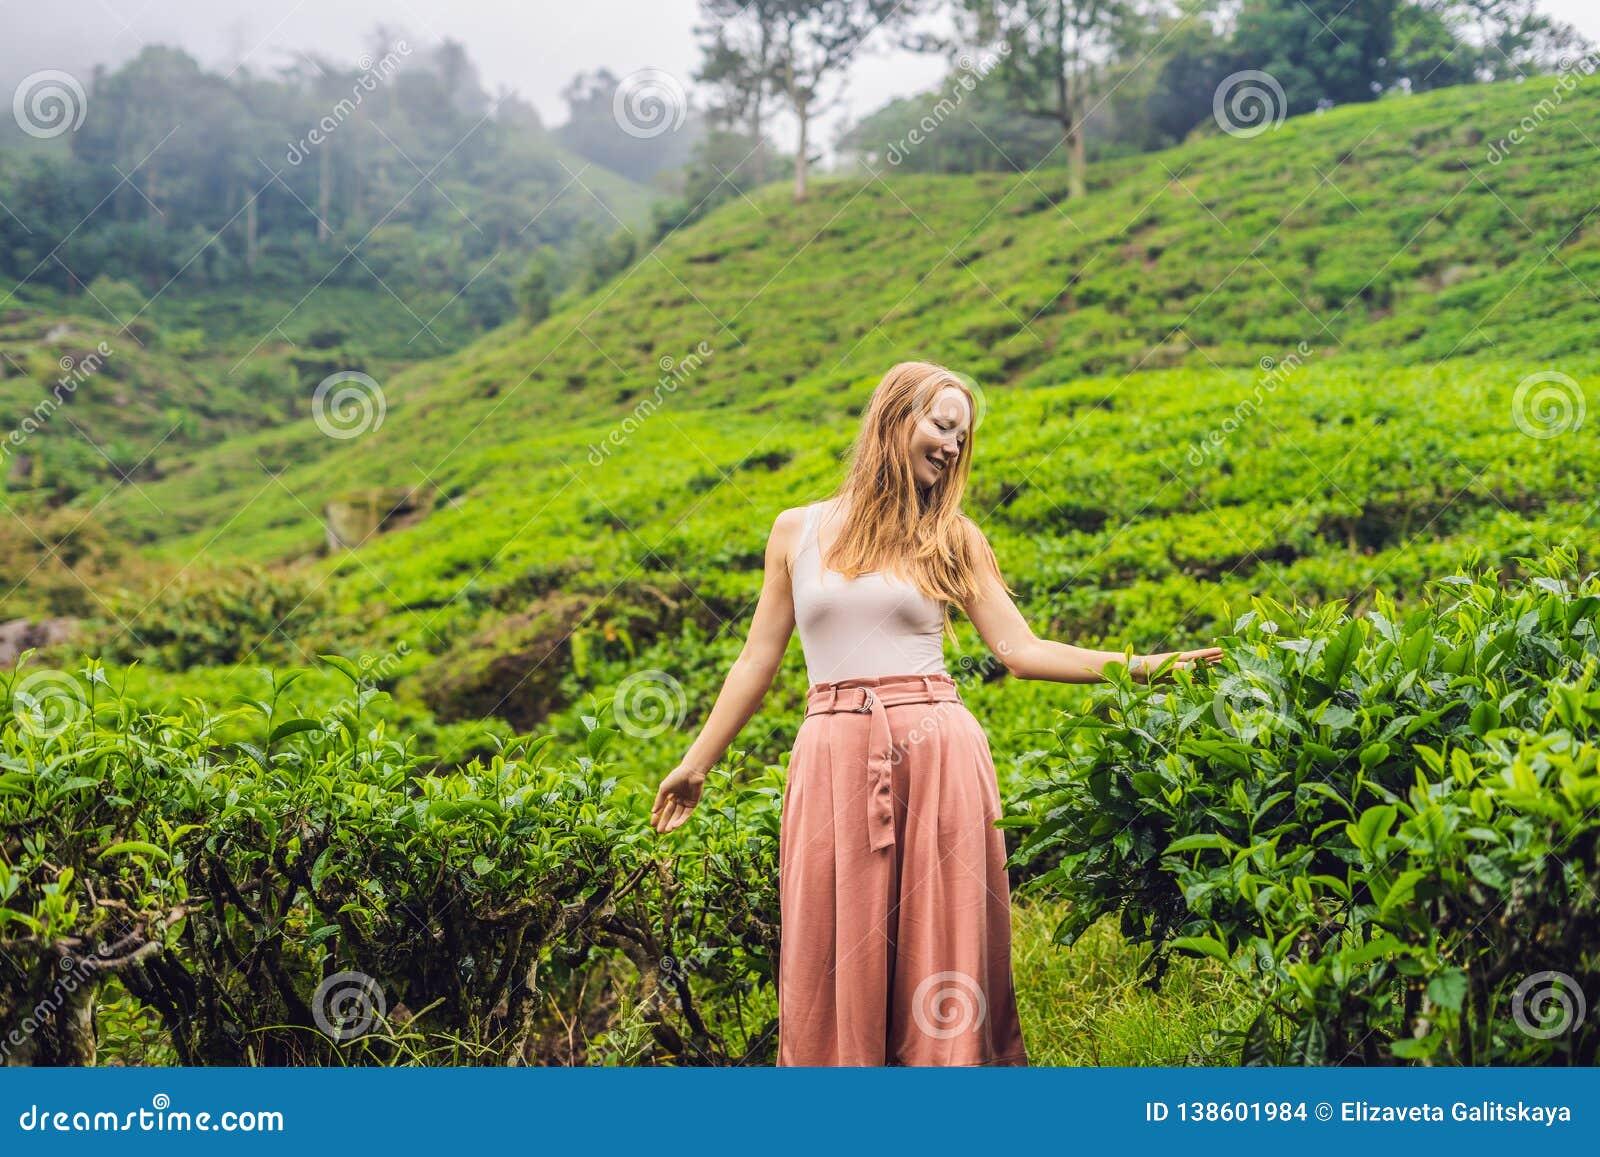 Turista das mulheres em uma plantação de chá As folhas de chá selecionadas, frescas naturais no chá cultivam em Cameron Highlands